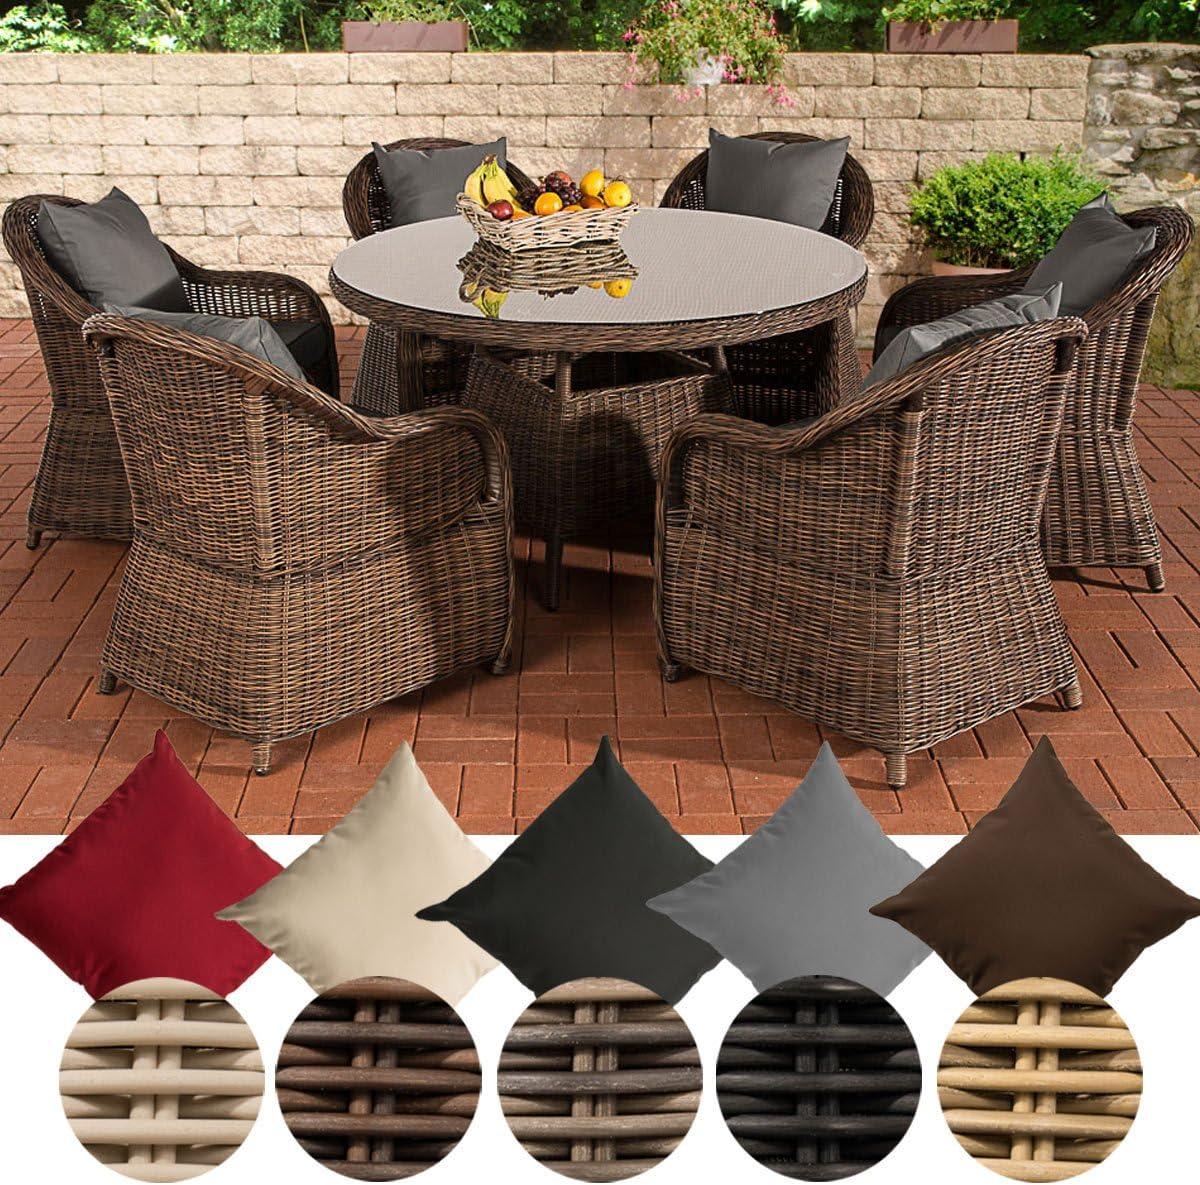 CLP-Funda para Mesa y sillas de jardín Resina Trenzada, Color marrón mármol de Stavanger, 6 sillas Mesa Redonda diámetro: 130 cm, 3 Unidades, Marron marbré, Gris ...